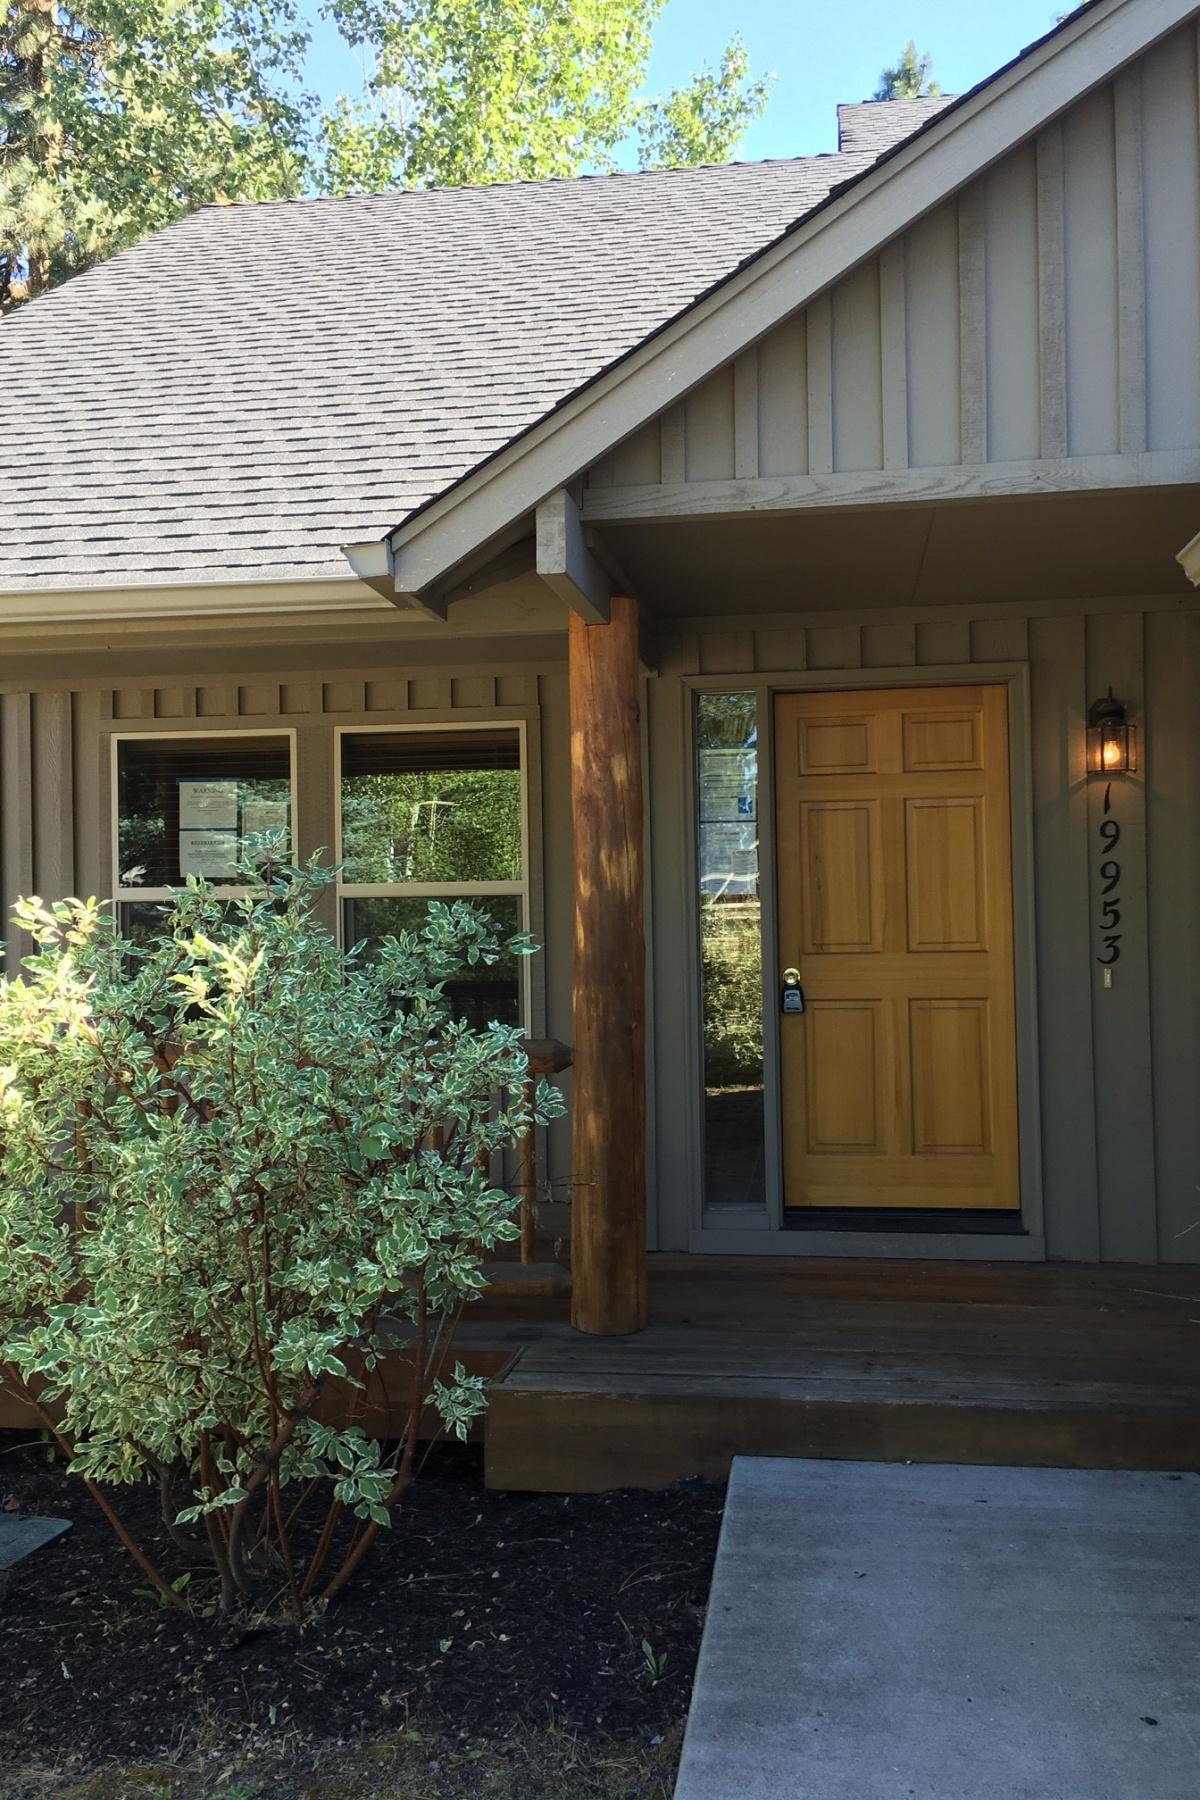 Maison unifamiliale pour l Vente à Charming SW Bend Home 19953 Antler Point Dr Bend, Oregon, 97702 États-Unis